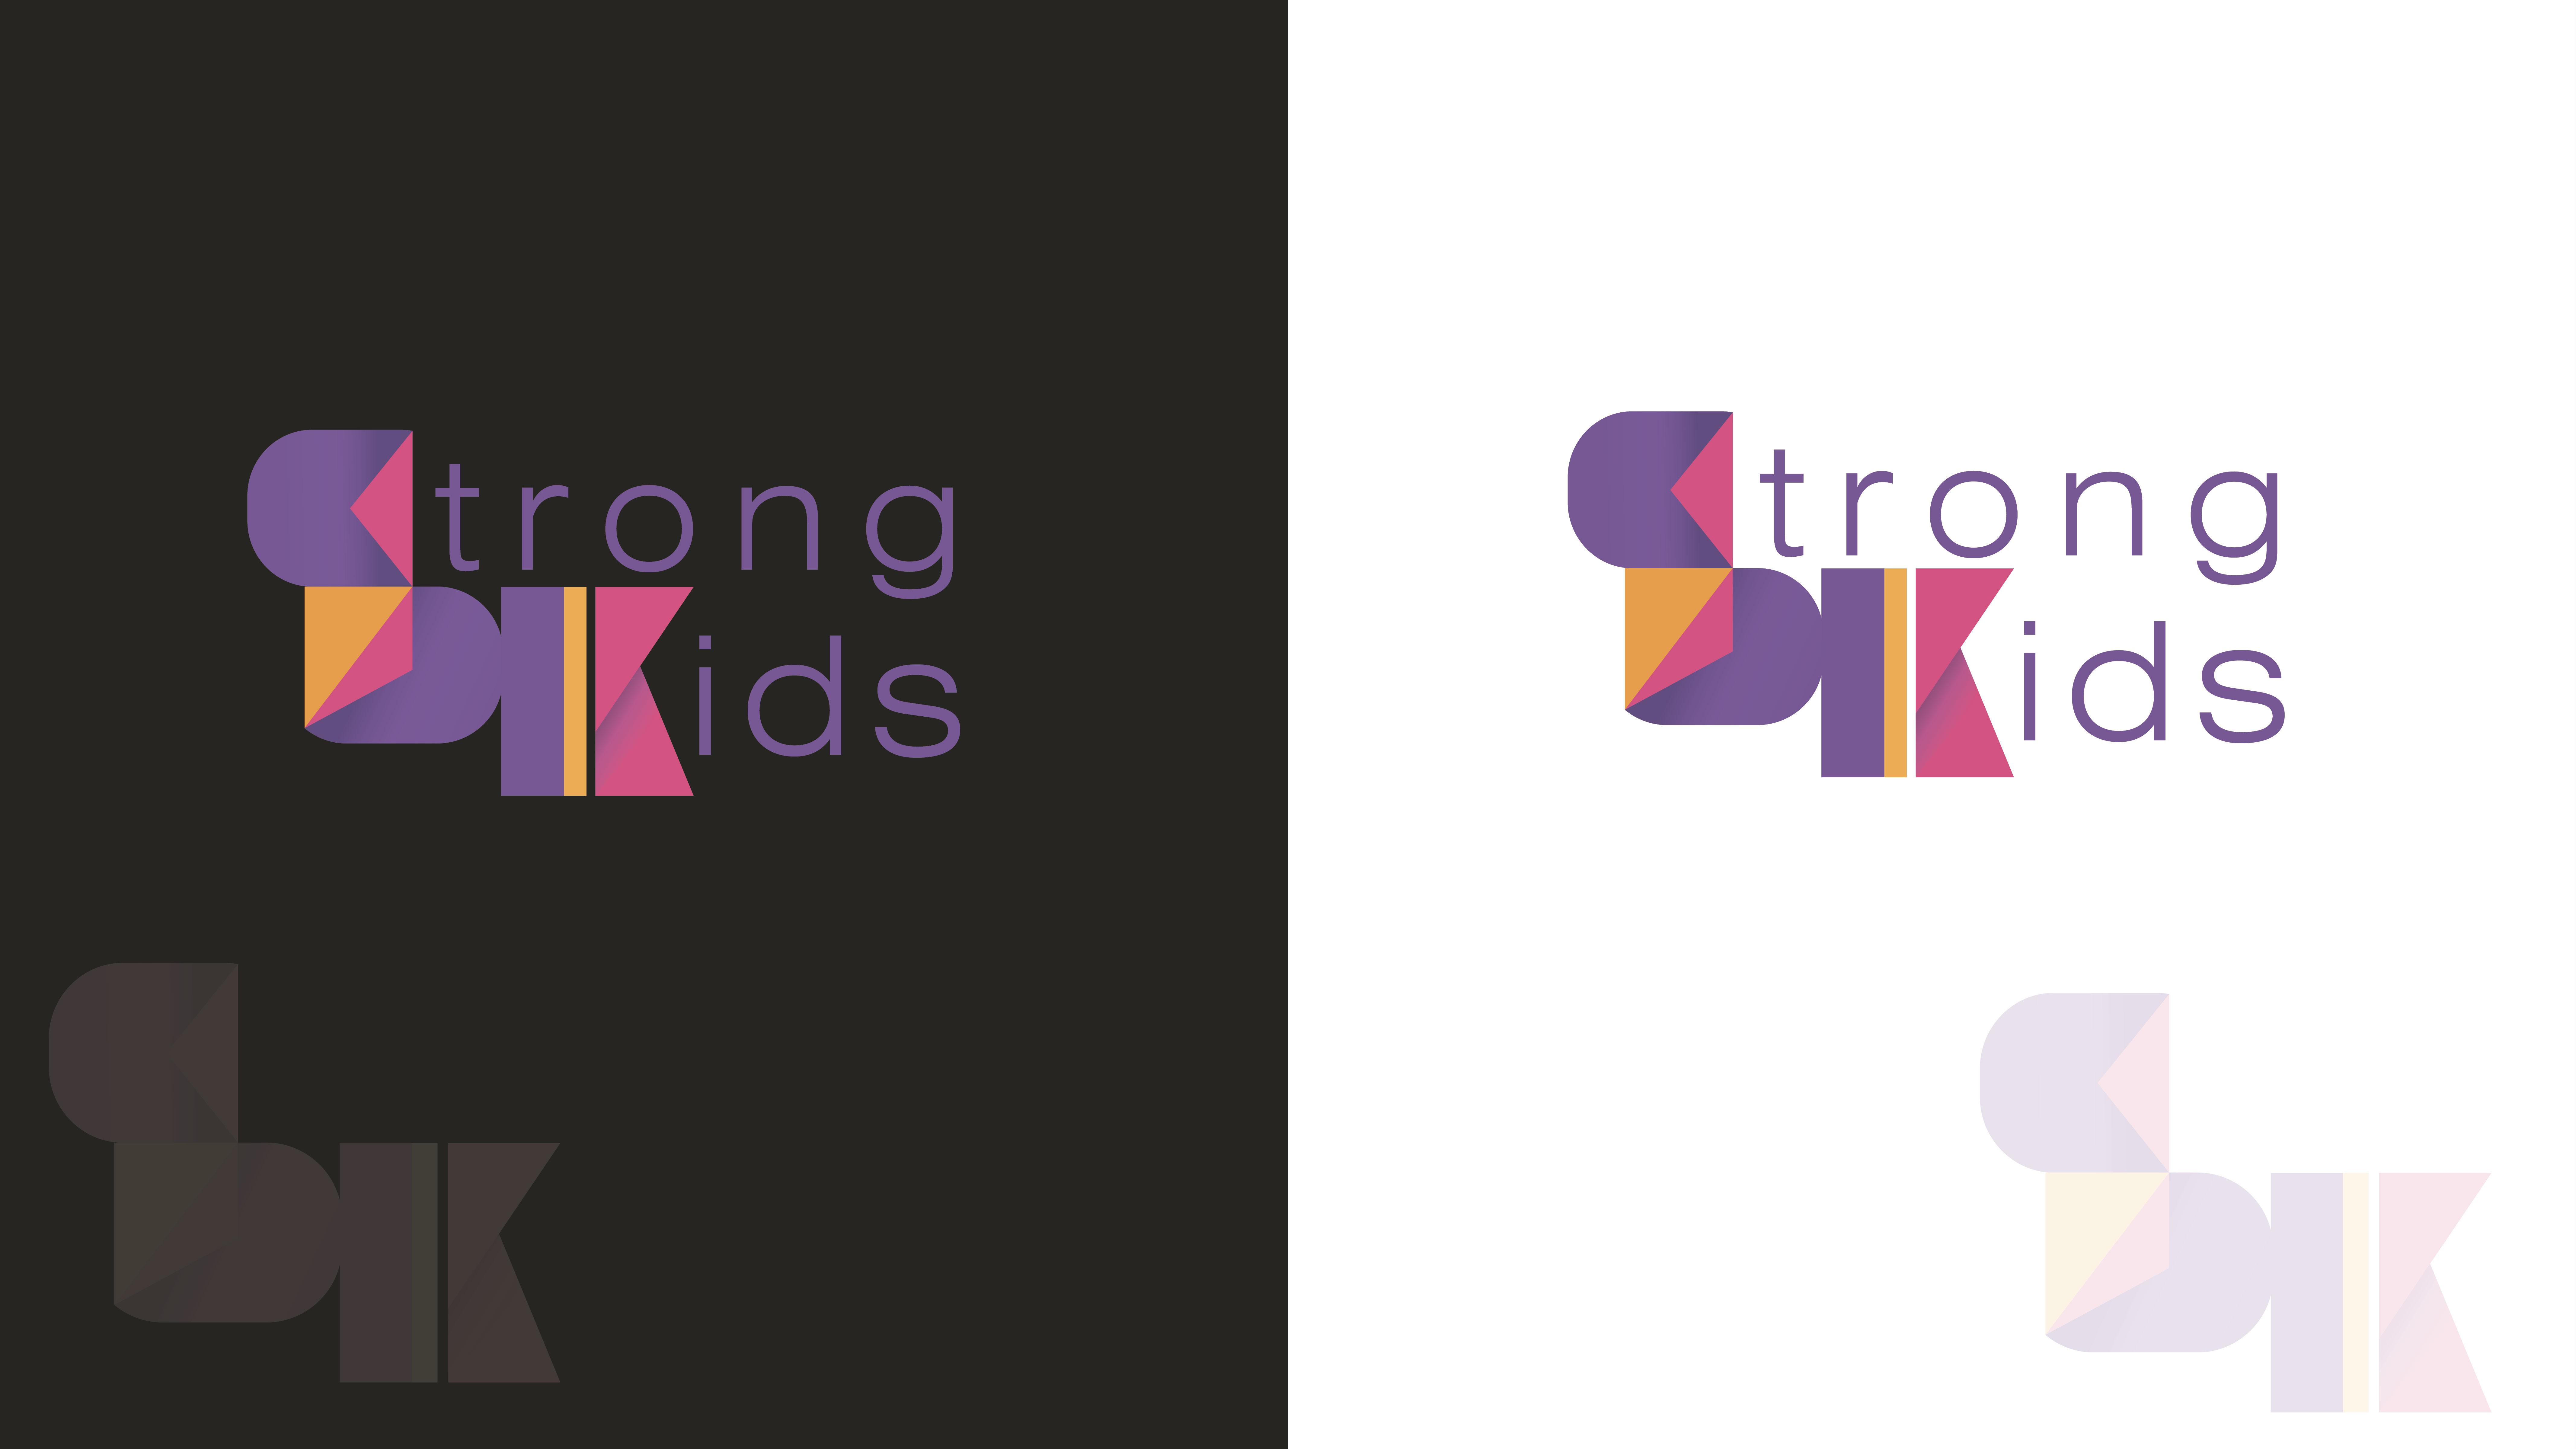 Логотип для Детского Интернет Магазина StrongKids фото f_8035c6aaf40da41c.jpg